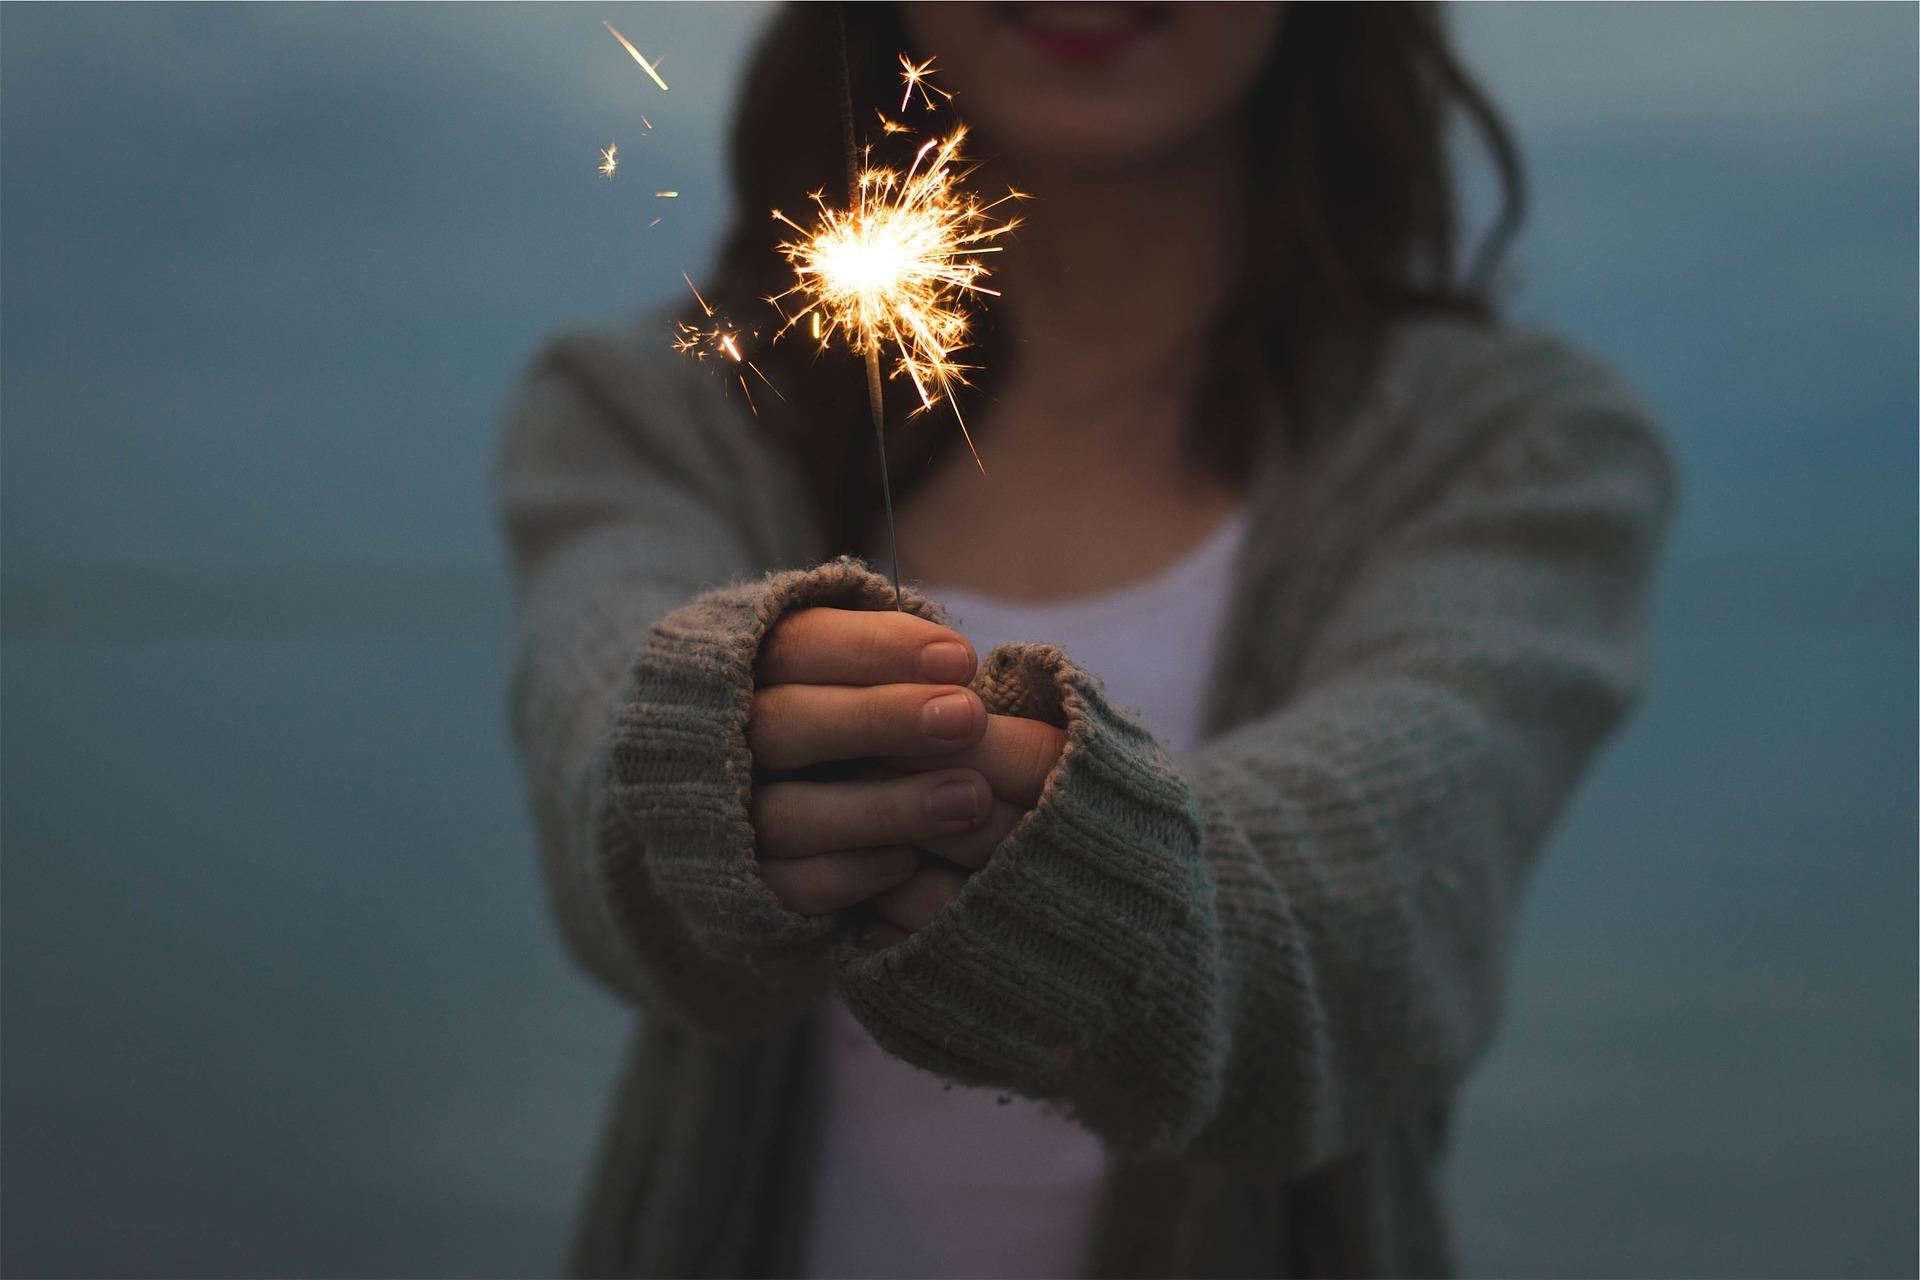 Var glad